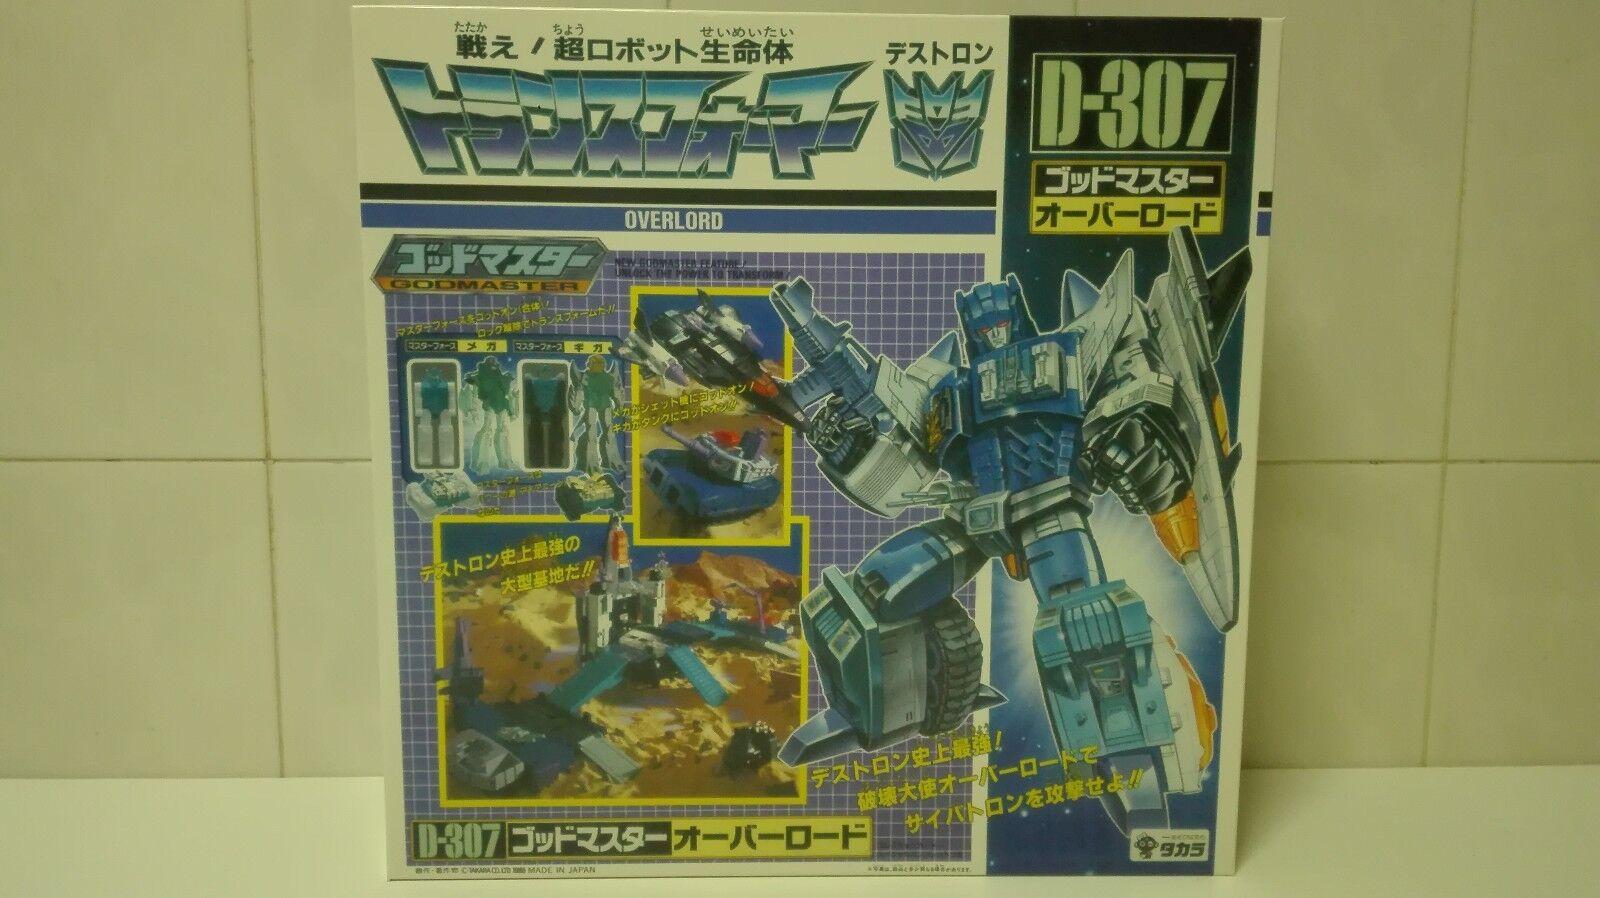 G1 transformers overlord box takara und styropor - brauch